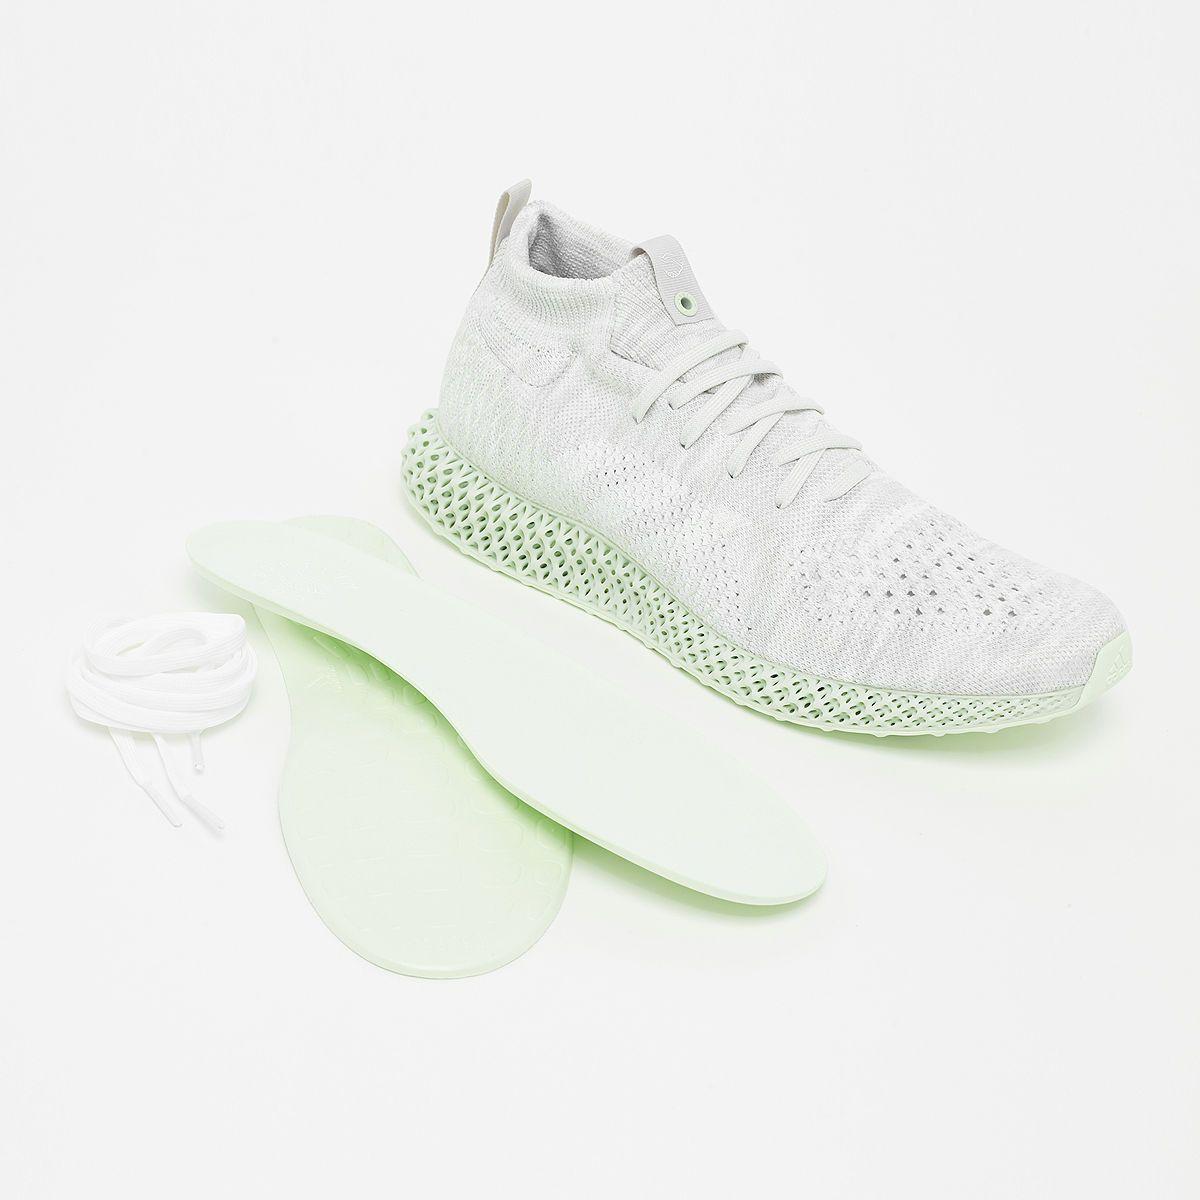 Runner adidas adidas adidas Runner 4DSneakerAdidas Mid Consortium 4DSneakerAdidas Consortium Mid TcJlFK13